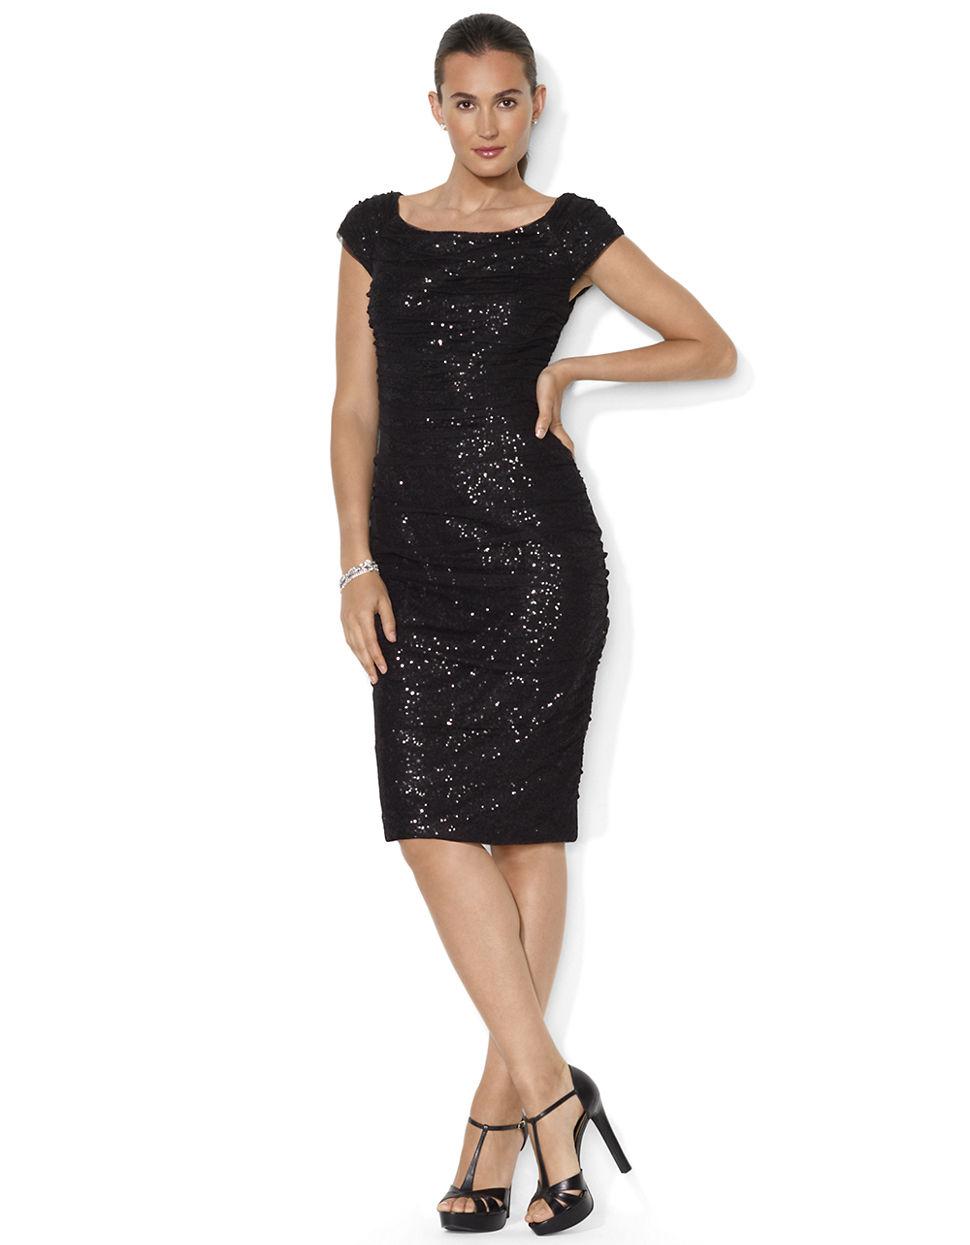 Lauren by ralph lauren Open Neck Sequin Dress in Black | Lyst